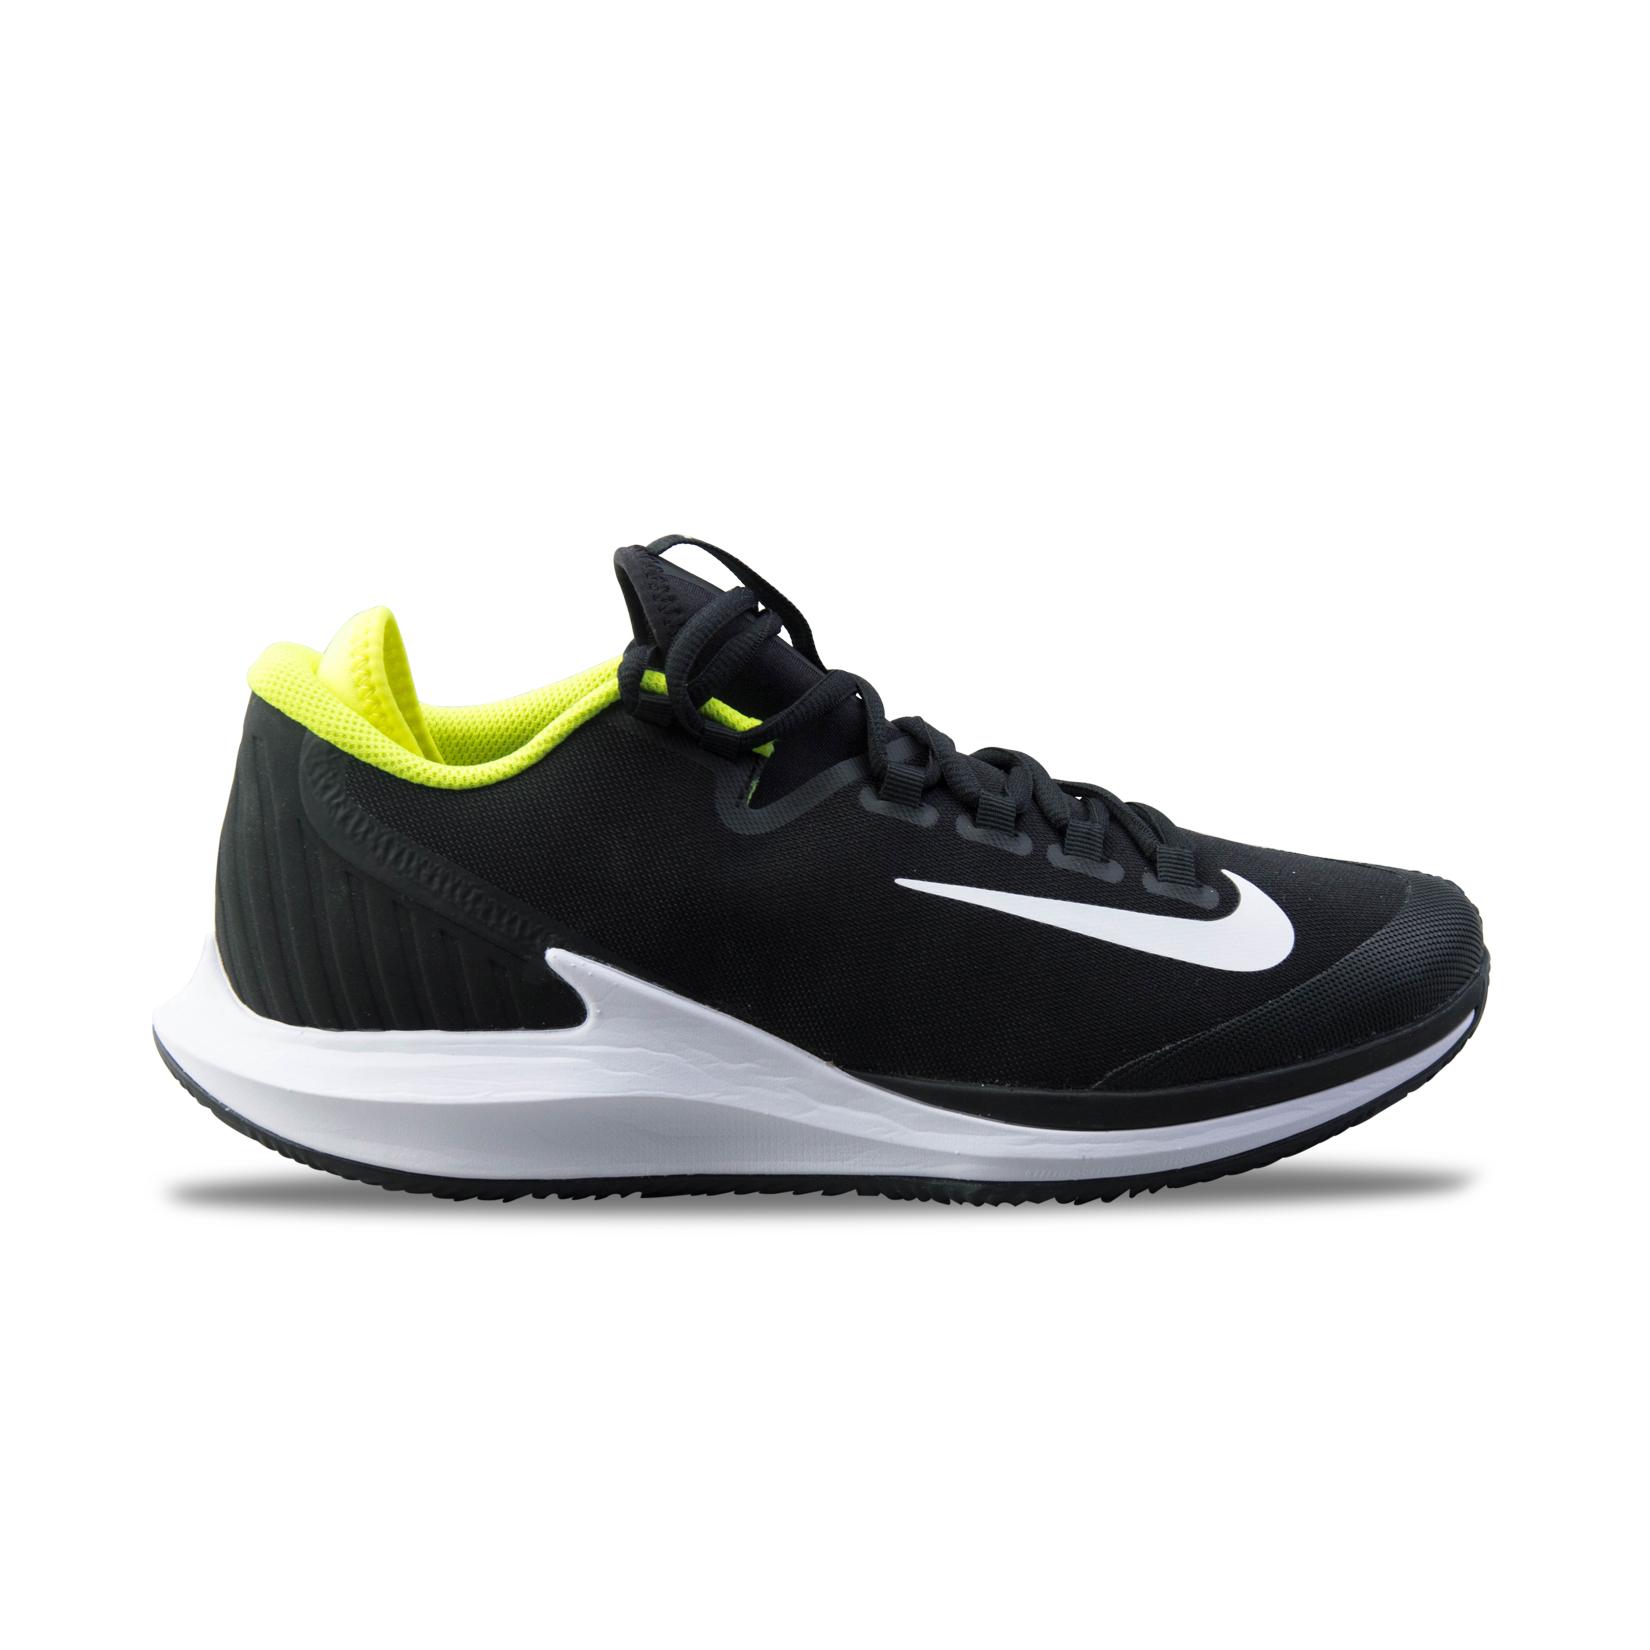 Nike Court Air Zoom Zero Black - White